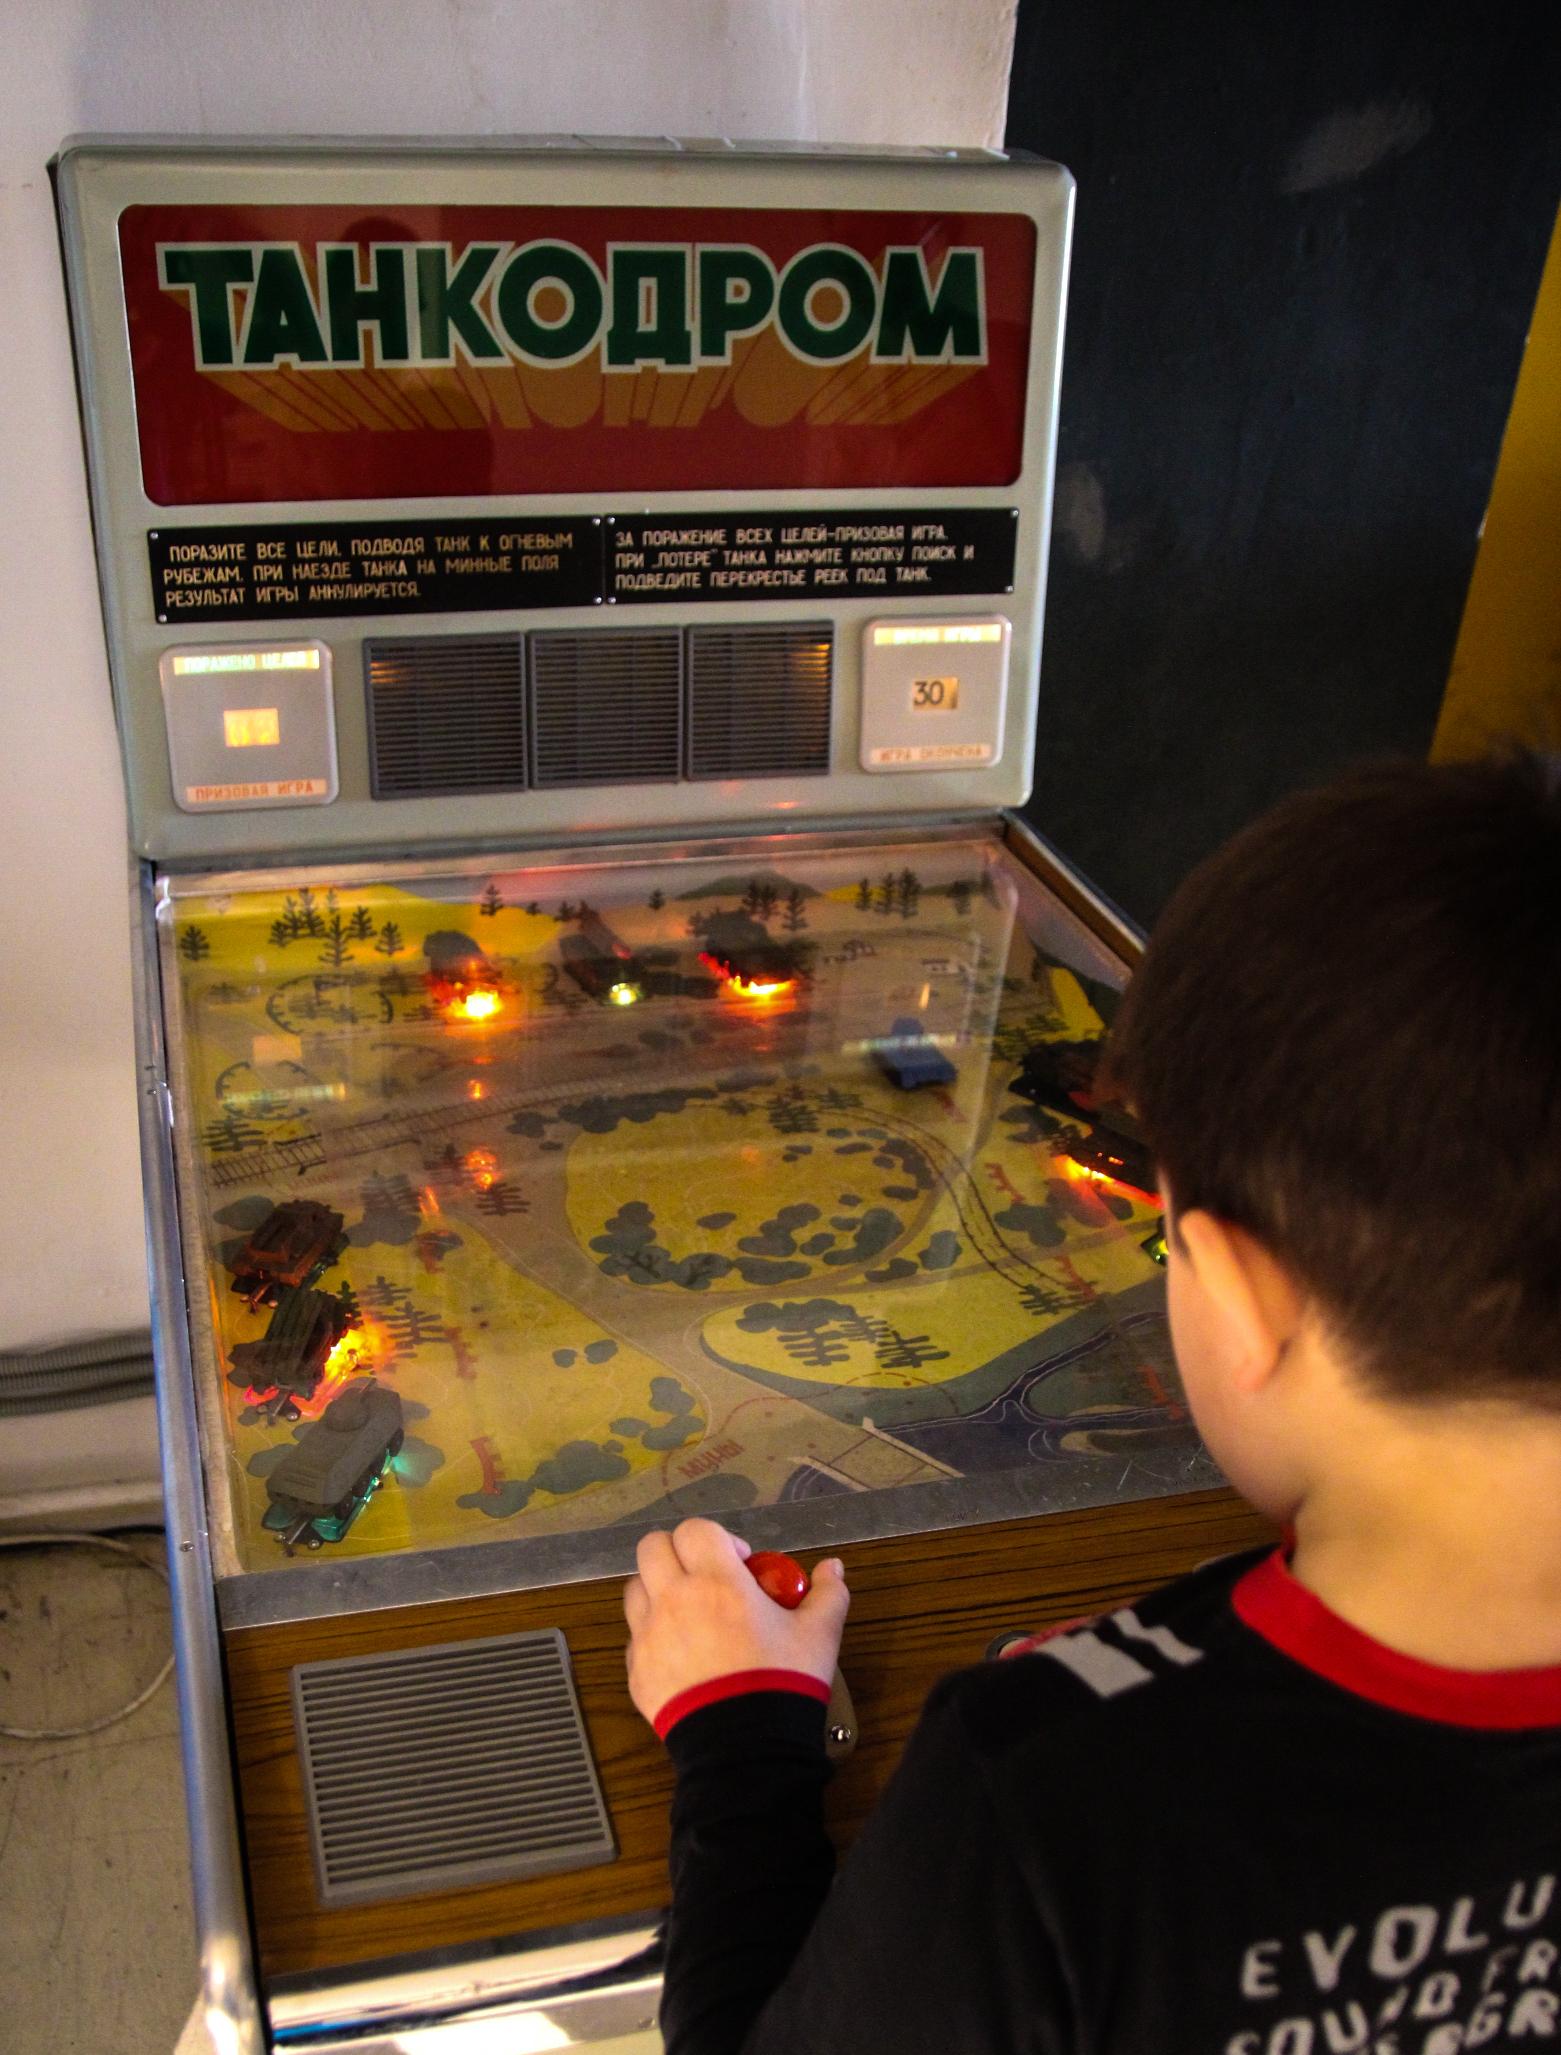 Na ebben a tankos játékban 'lövésem' sem volt, mit csinálok és hogy nyertem-e. De hosszú sor állt előtte, tehát népszerű.